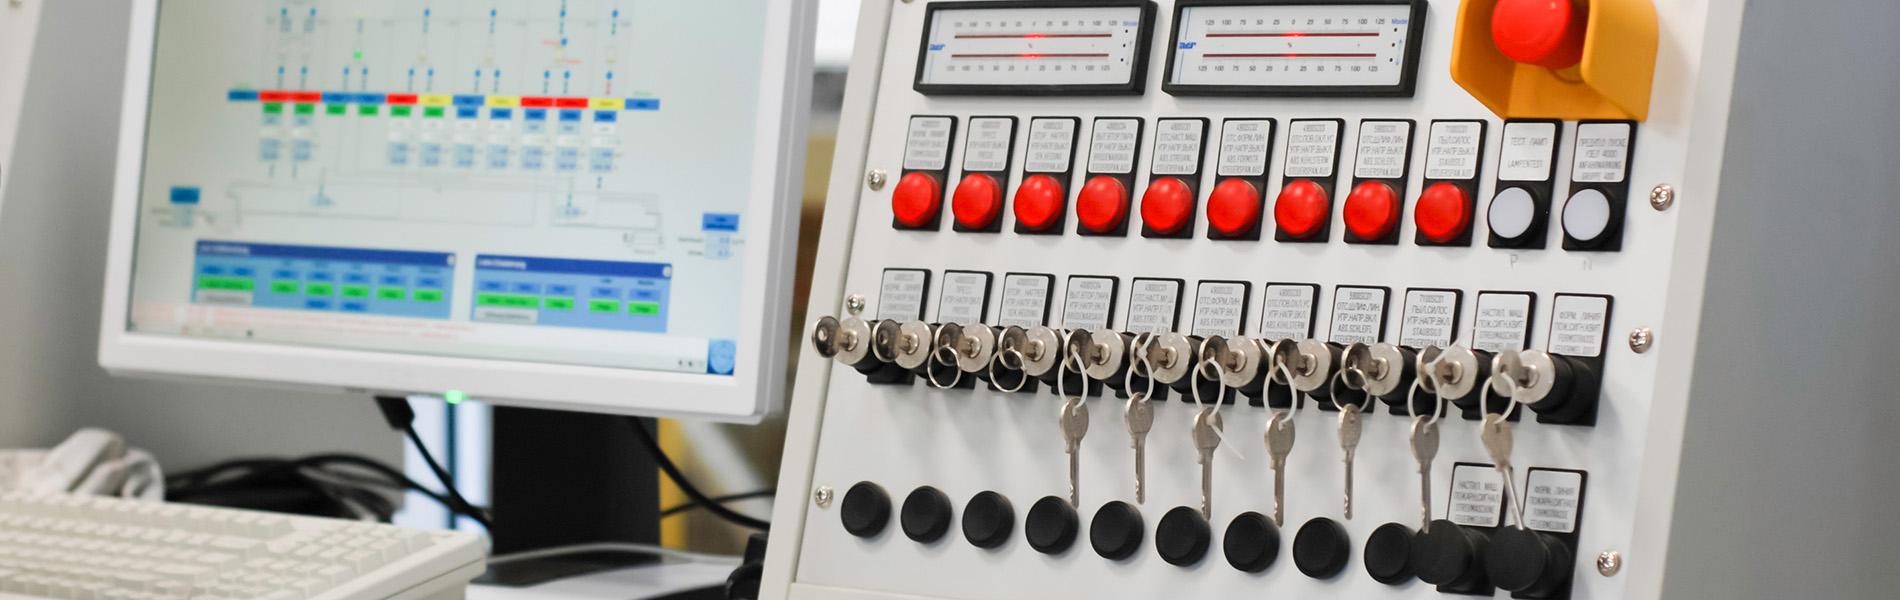 Industrial Terahertz